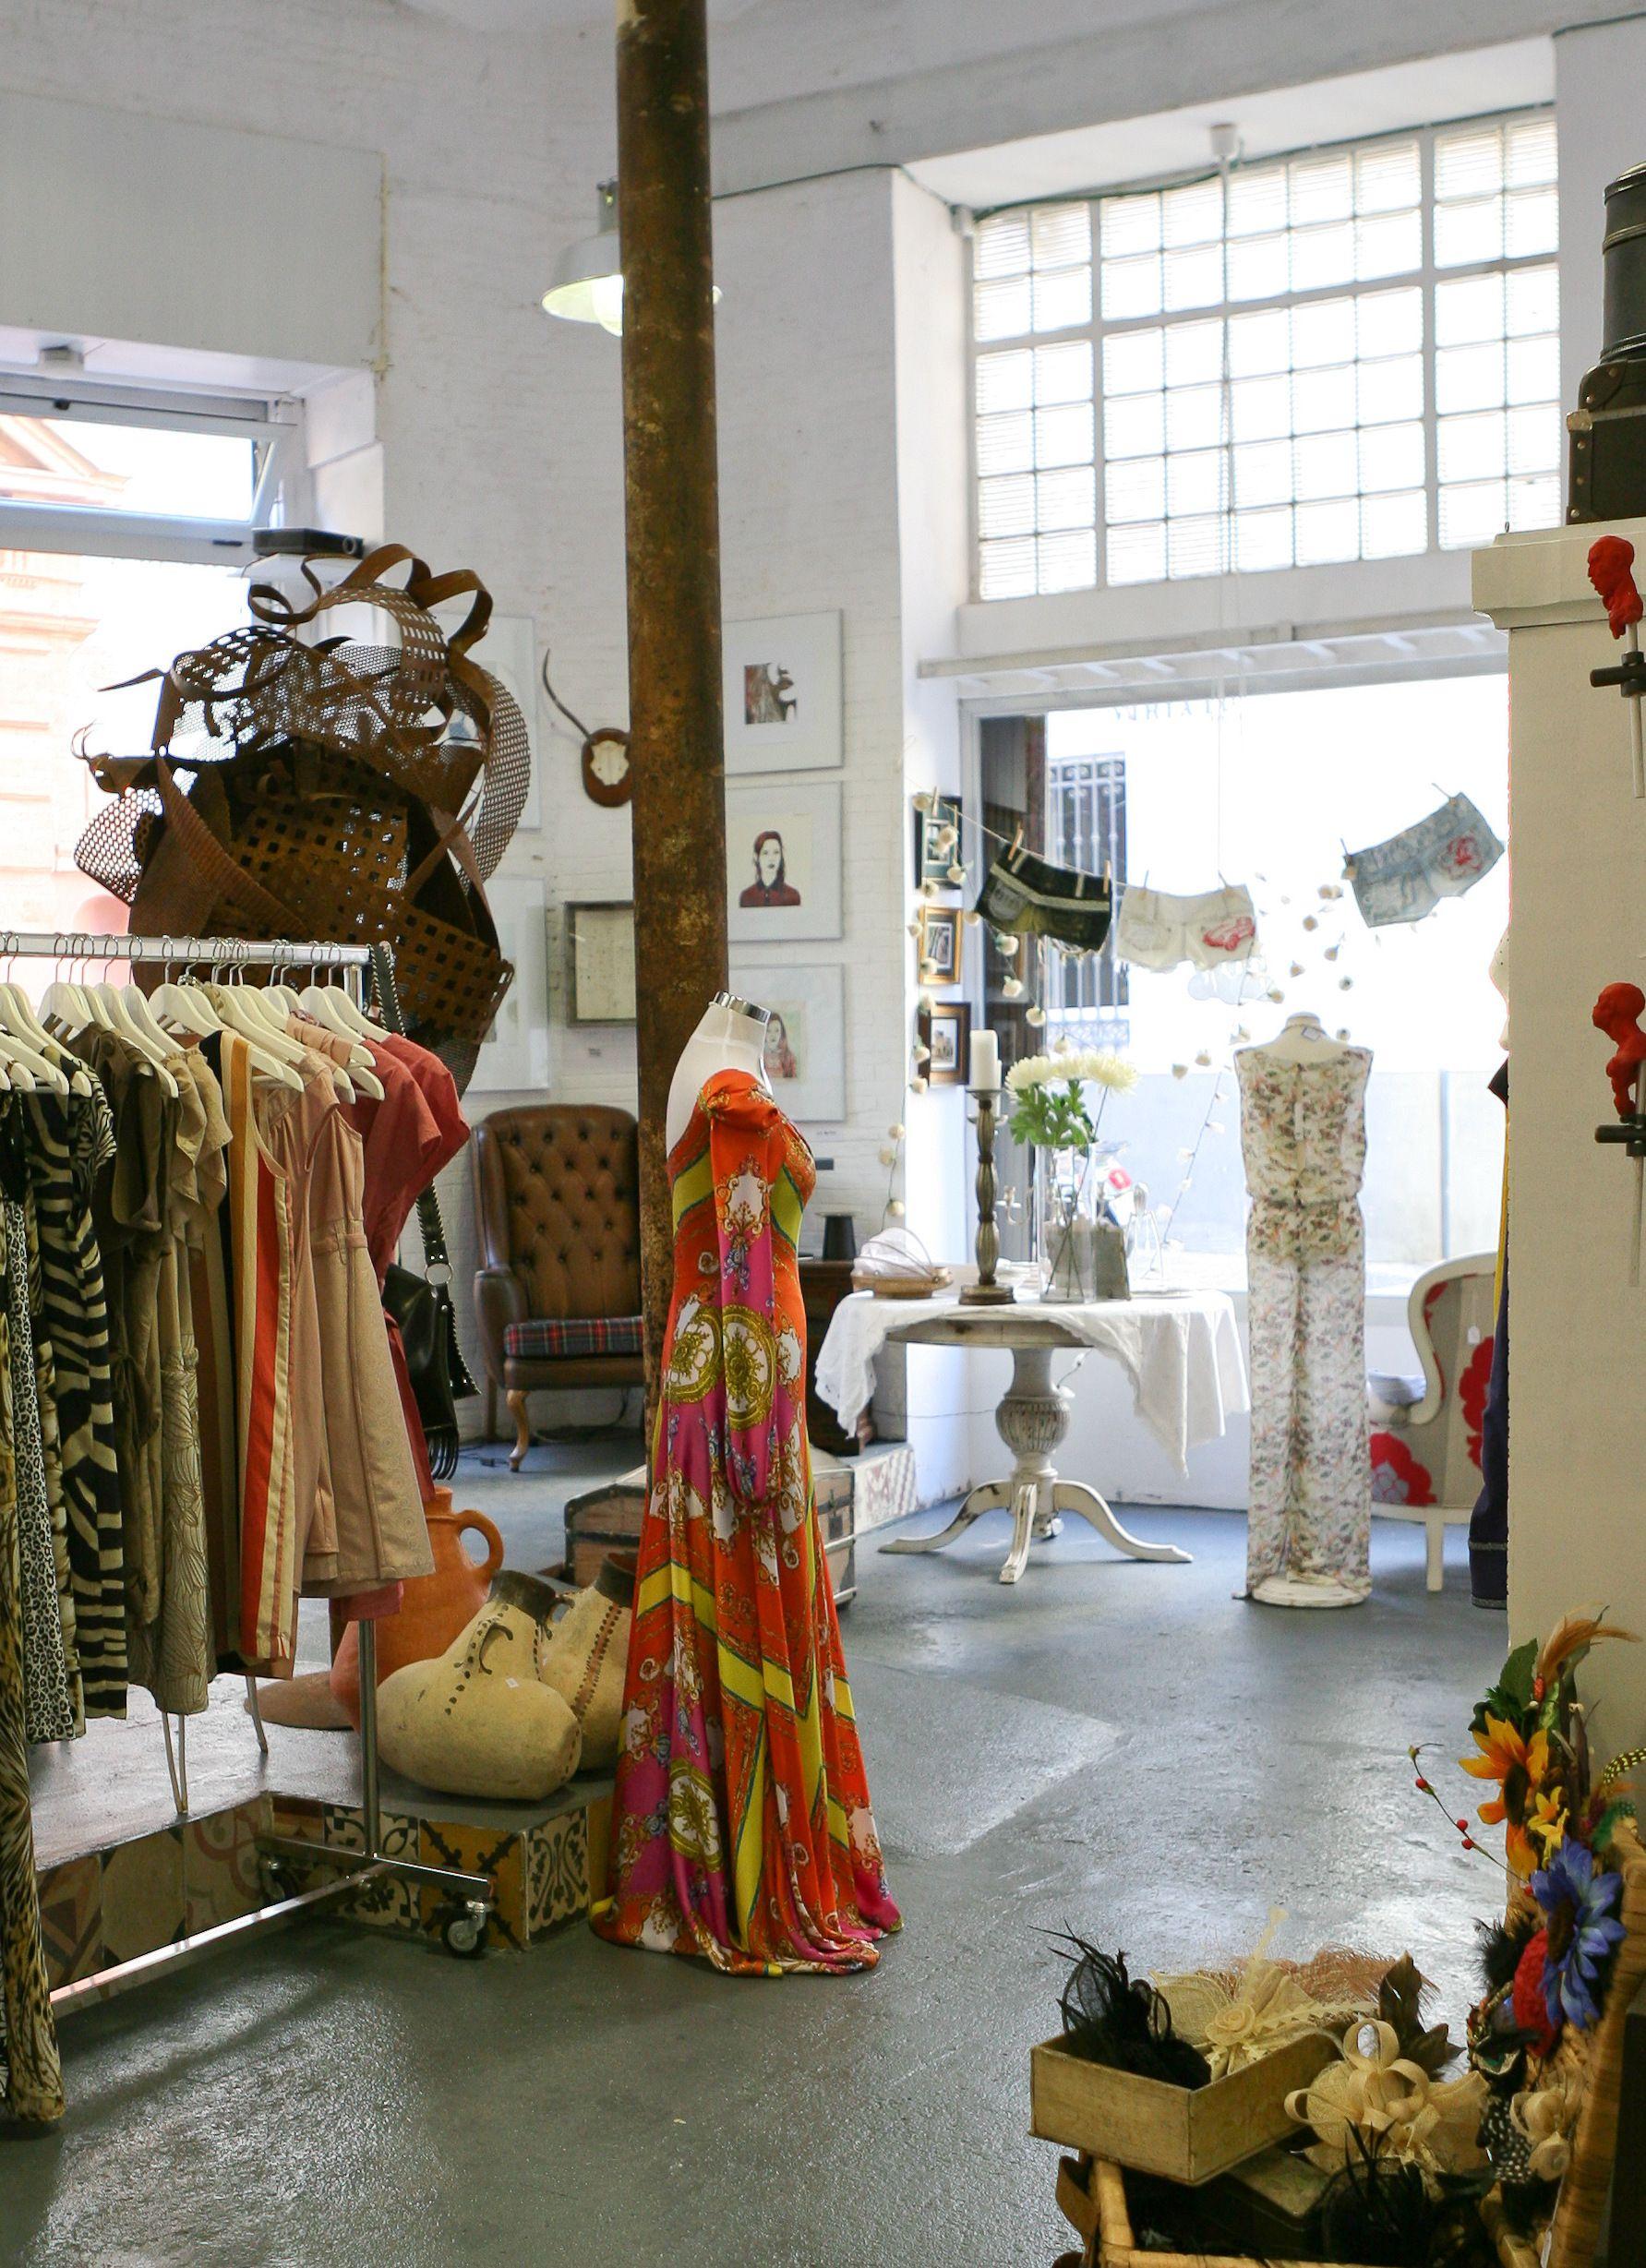 Wabi Sabi Shop Amp Gallery Seville Spain Clothesline Of